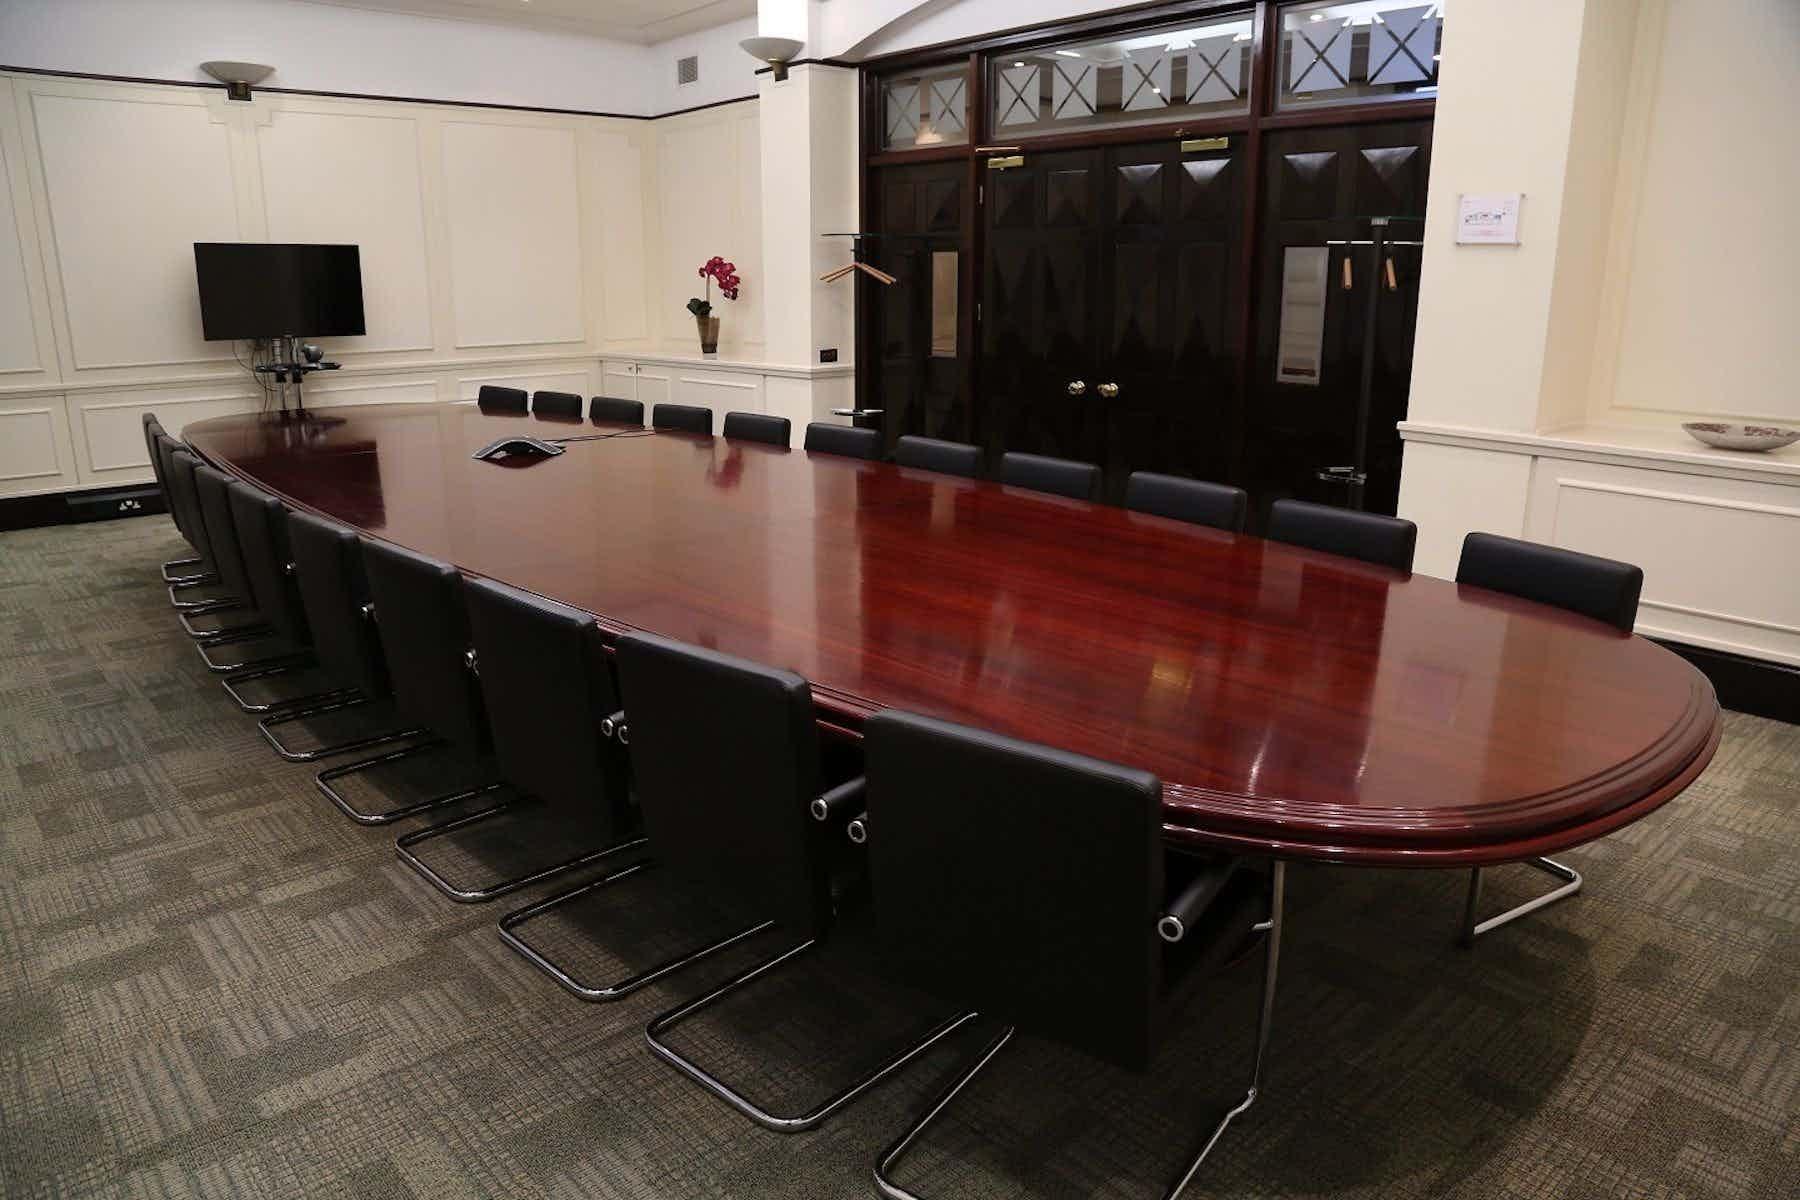 Felix Spiers Room, 15 Old Bailey